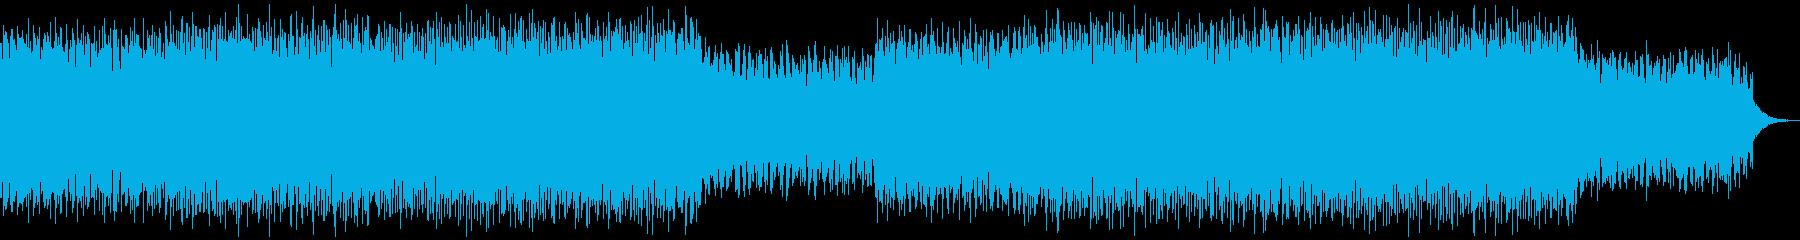 シンセ系・壮大で幻想的なエレクトロニカの再生済みの波形